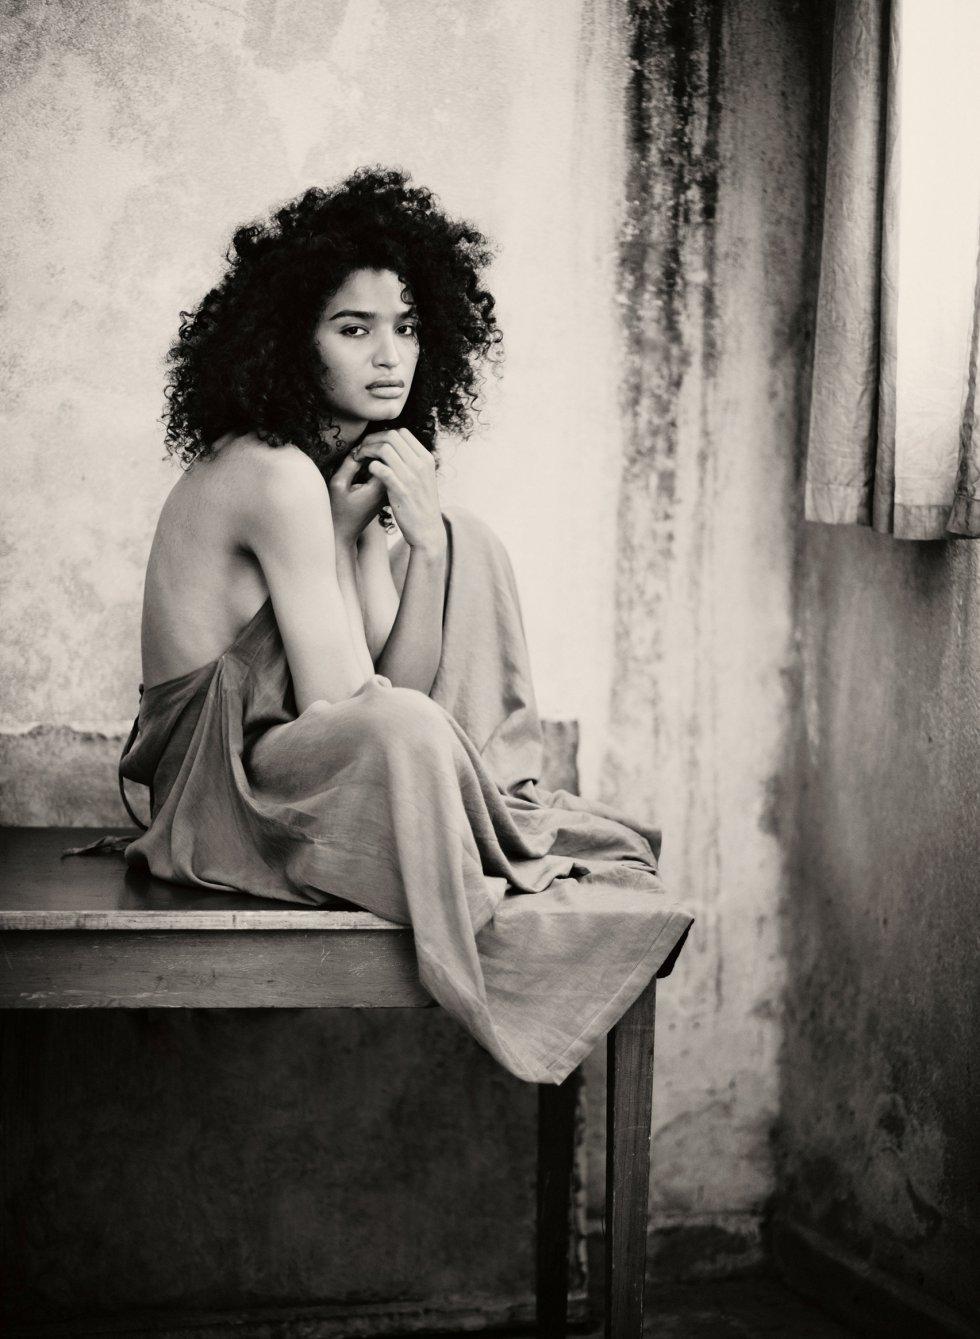 Fotografía de la actriz  Indya Moore para el calendario Pirellli.